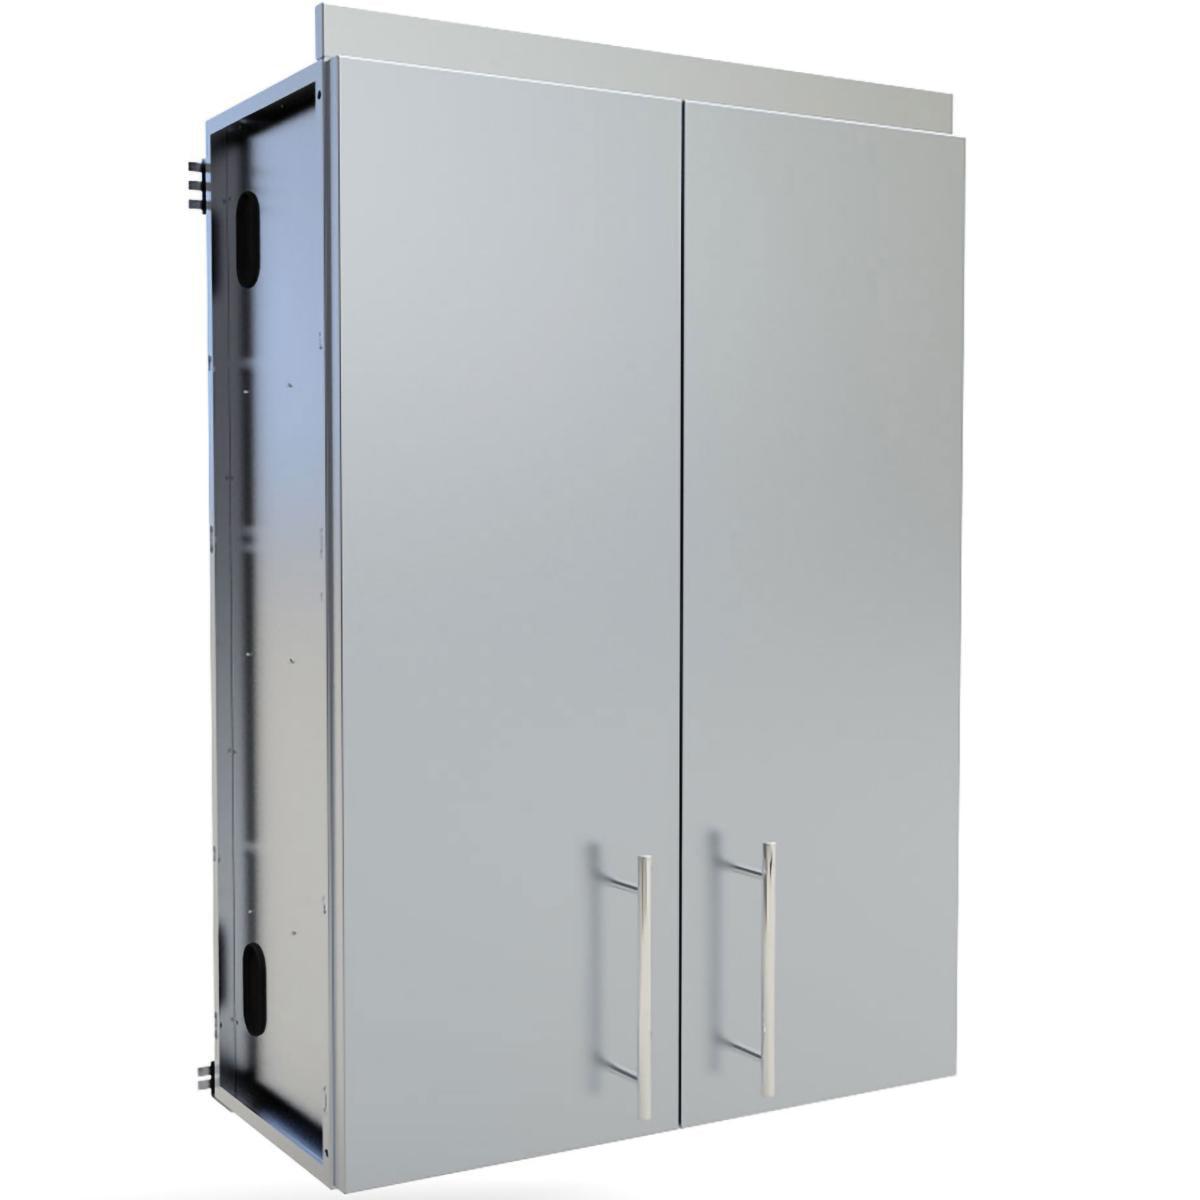 Sunstone 30-Inch Outdoor Kitchen Double Door Wall Cabinet ...